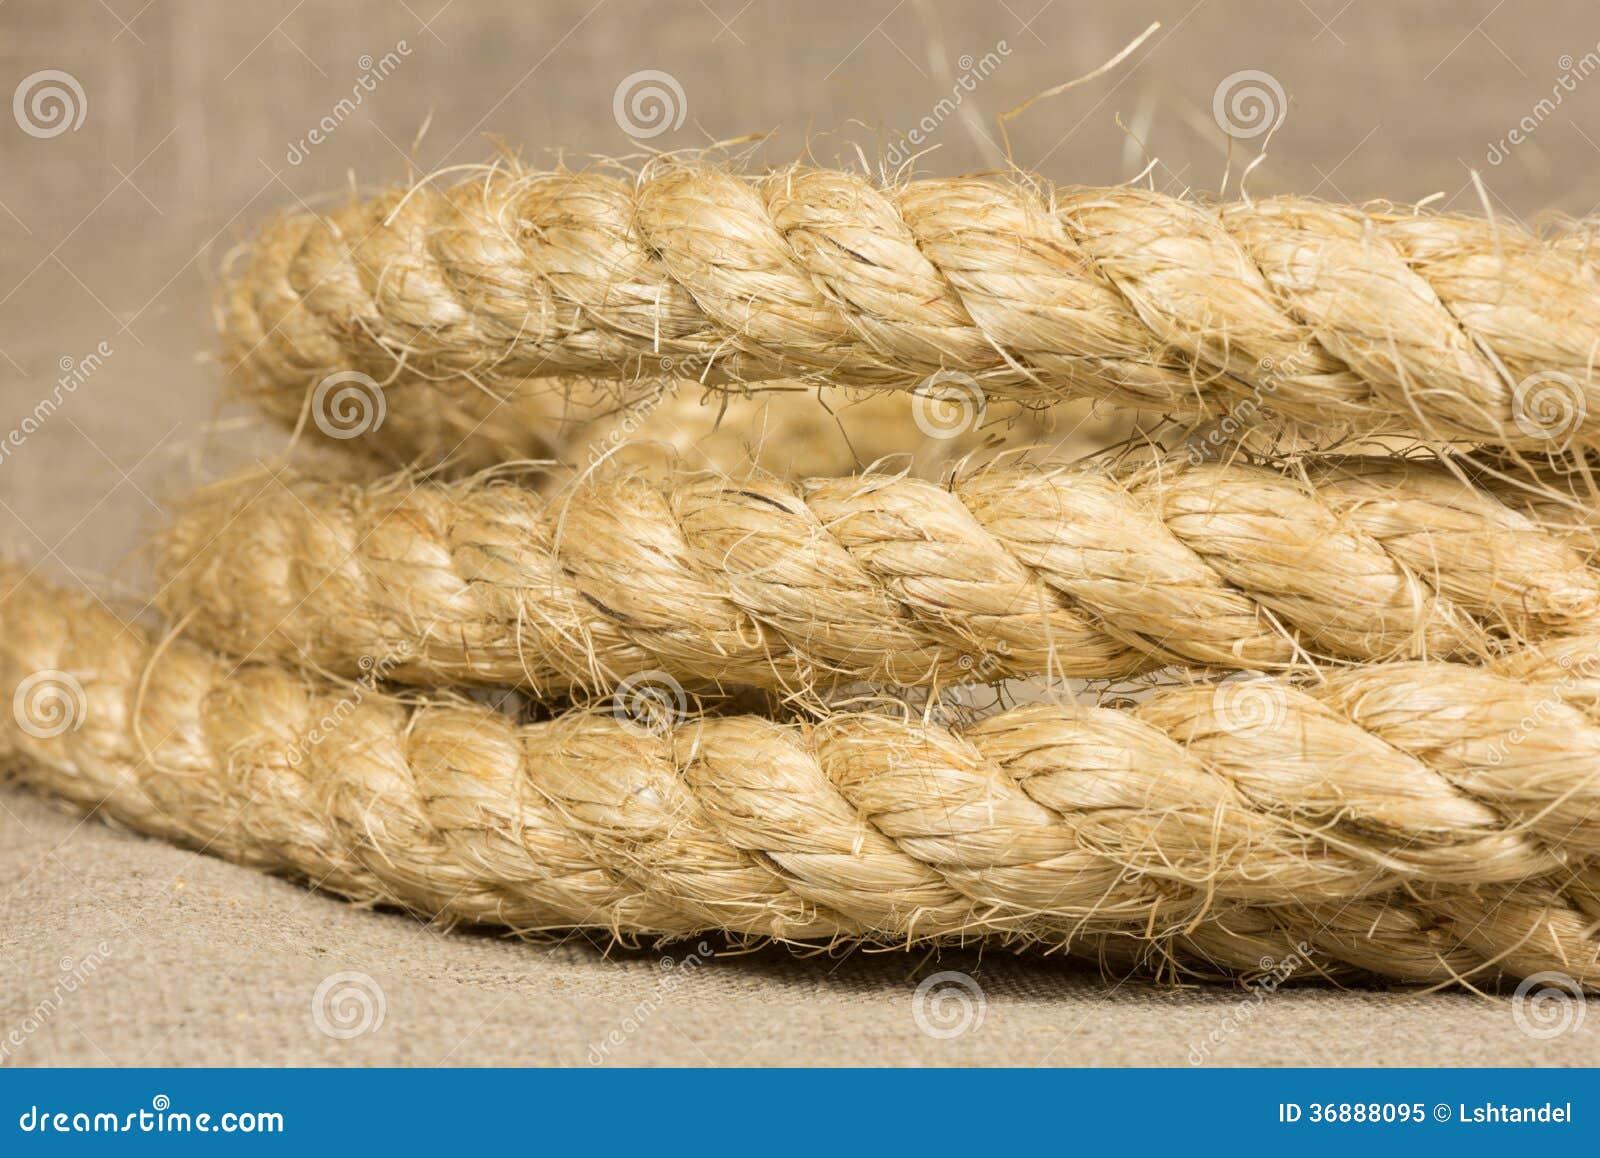 Download Corda Dagli Anelli Rotolati Fibre Tessili Naturali Immagine Stock - Immagine di naughty, flagellazione: 36888095